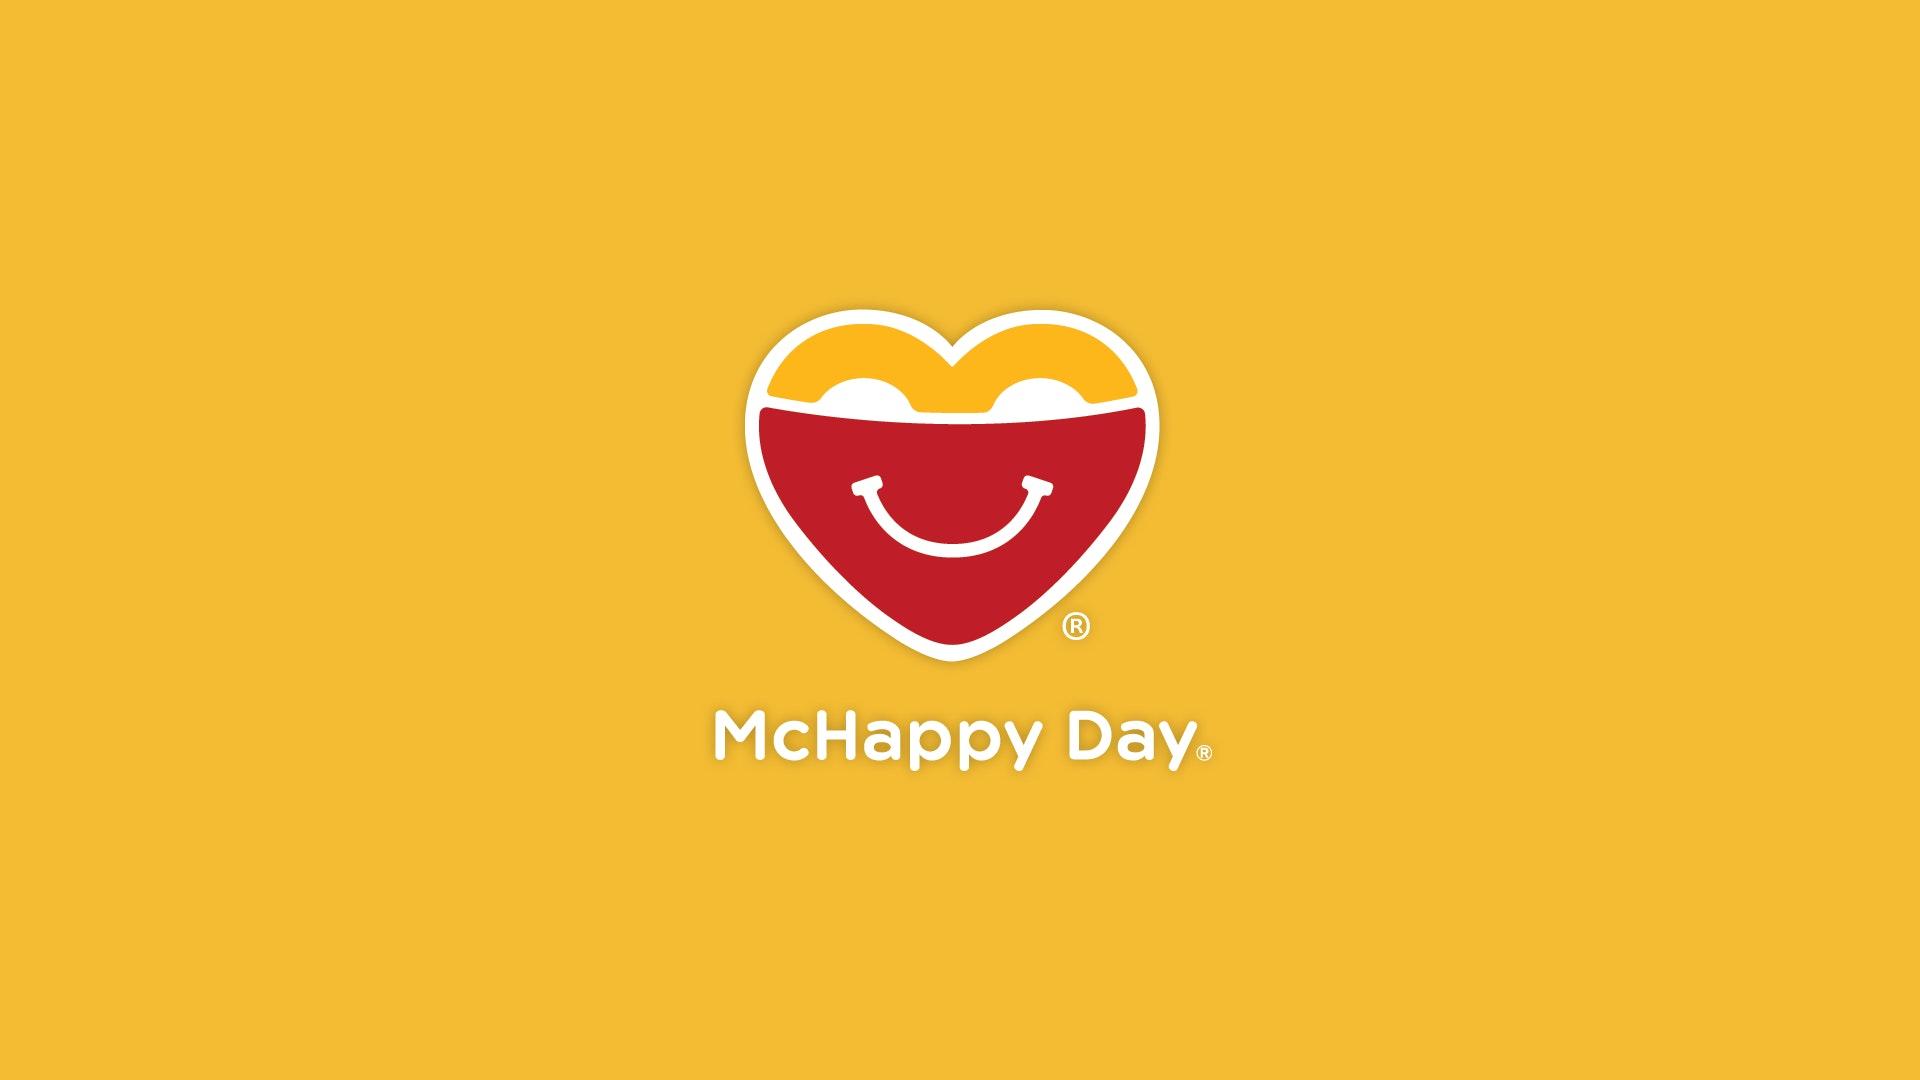 McHappy Day Logo